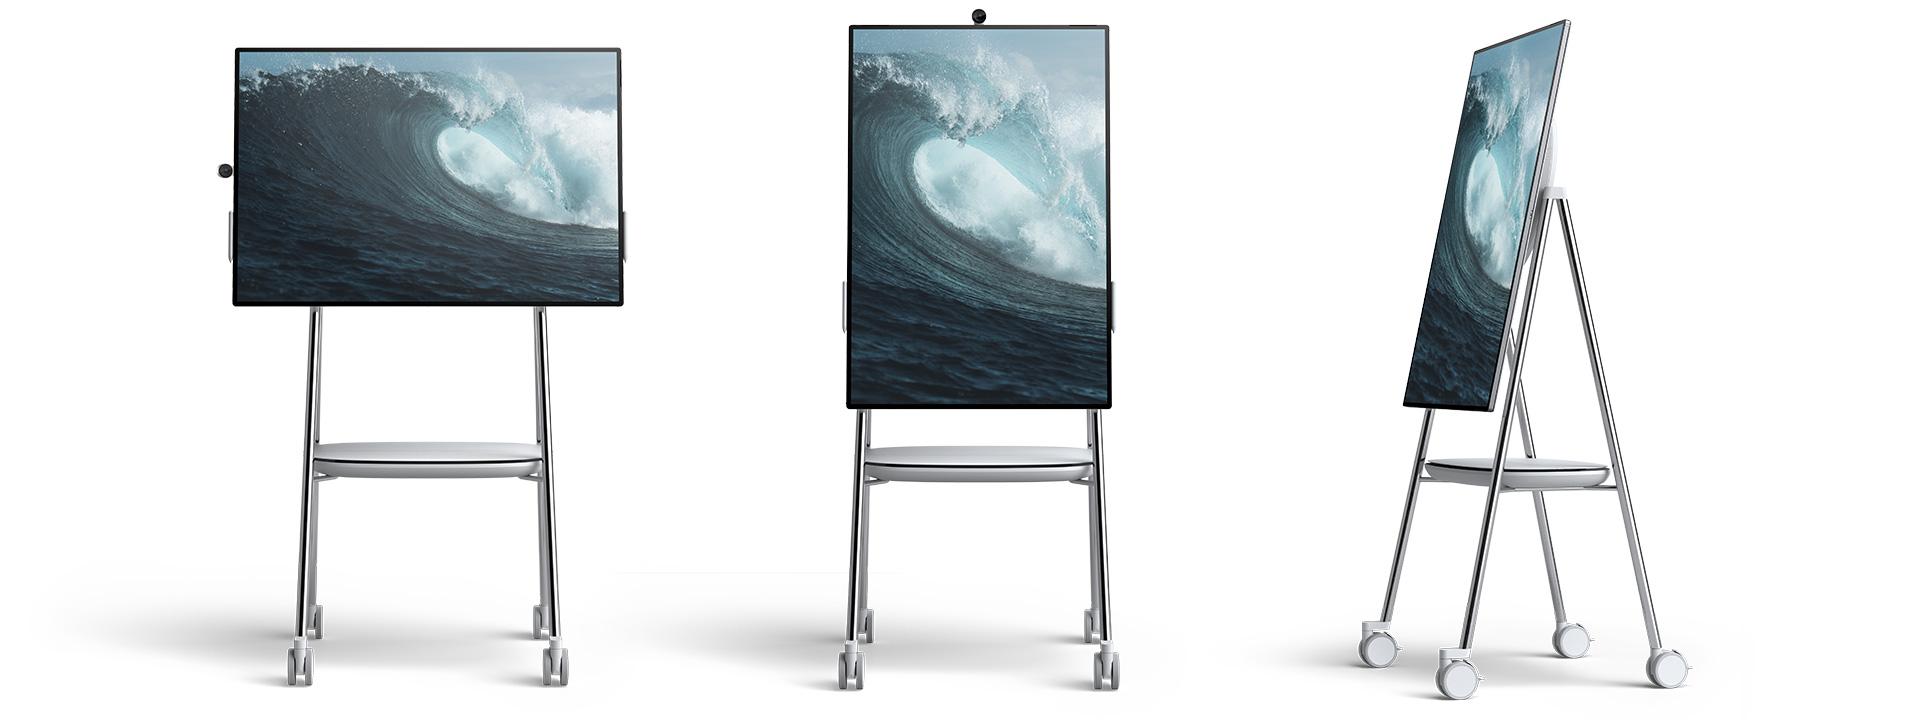 Kolme Surface Hub 2 -laitetta Steelcasen suunnittelemissa liikkuvissa telineissä